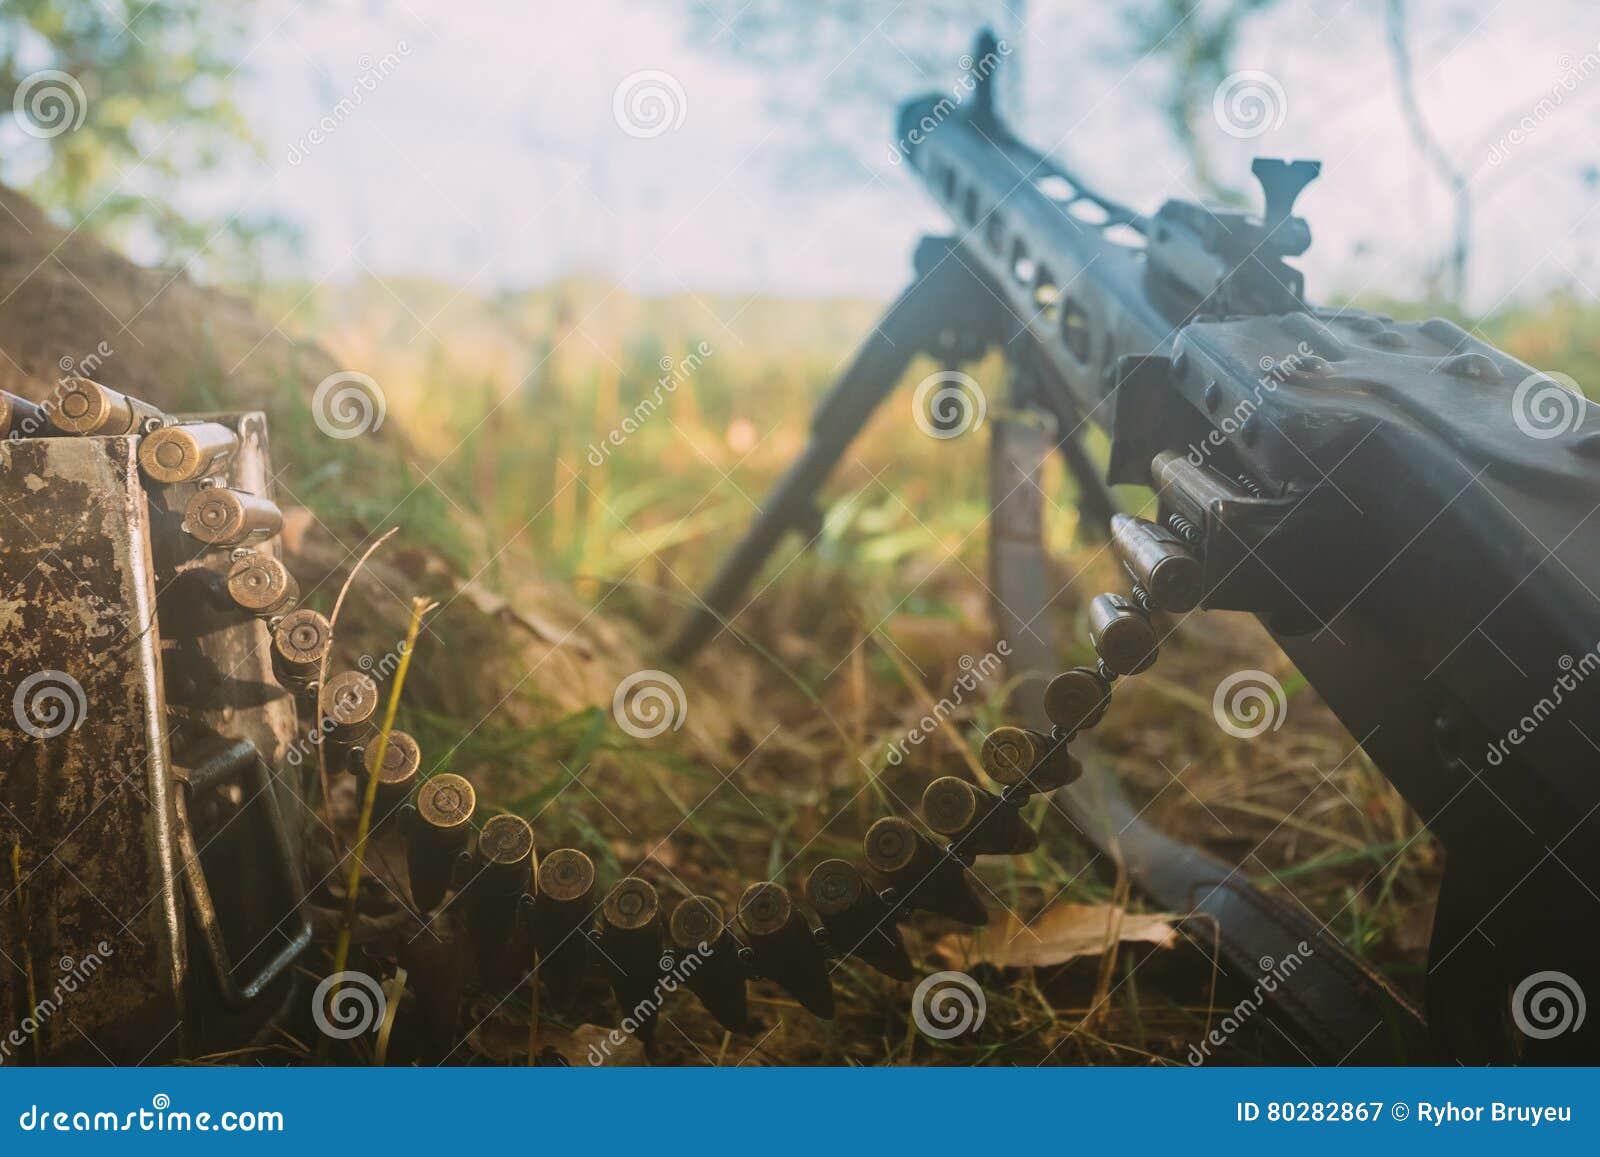 German Military Ammunition - Machine Gun Of World War II On Ground